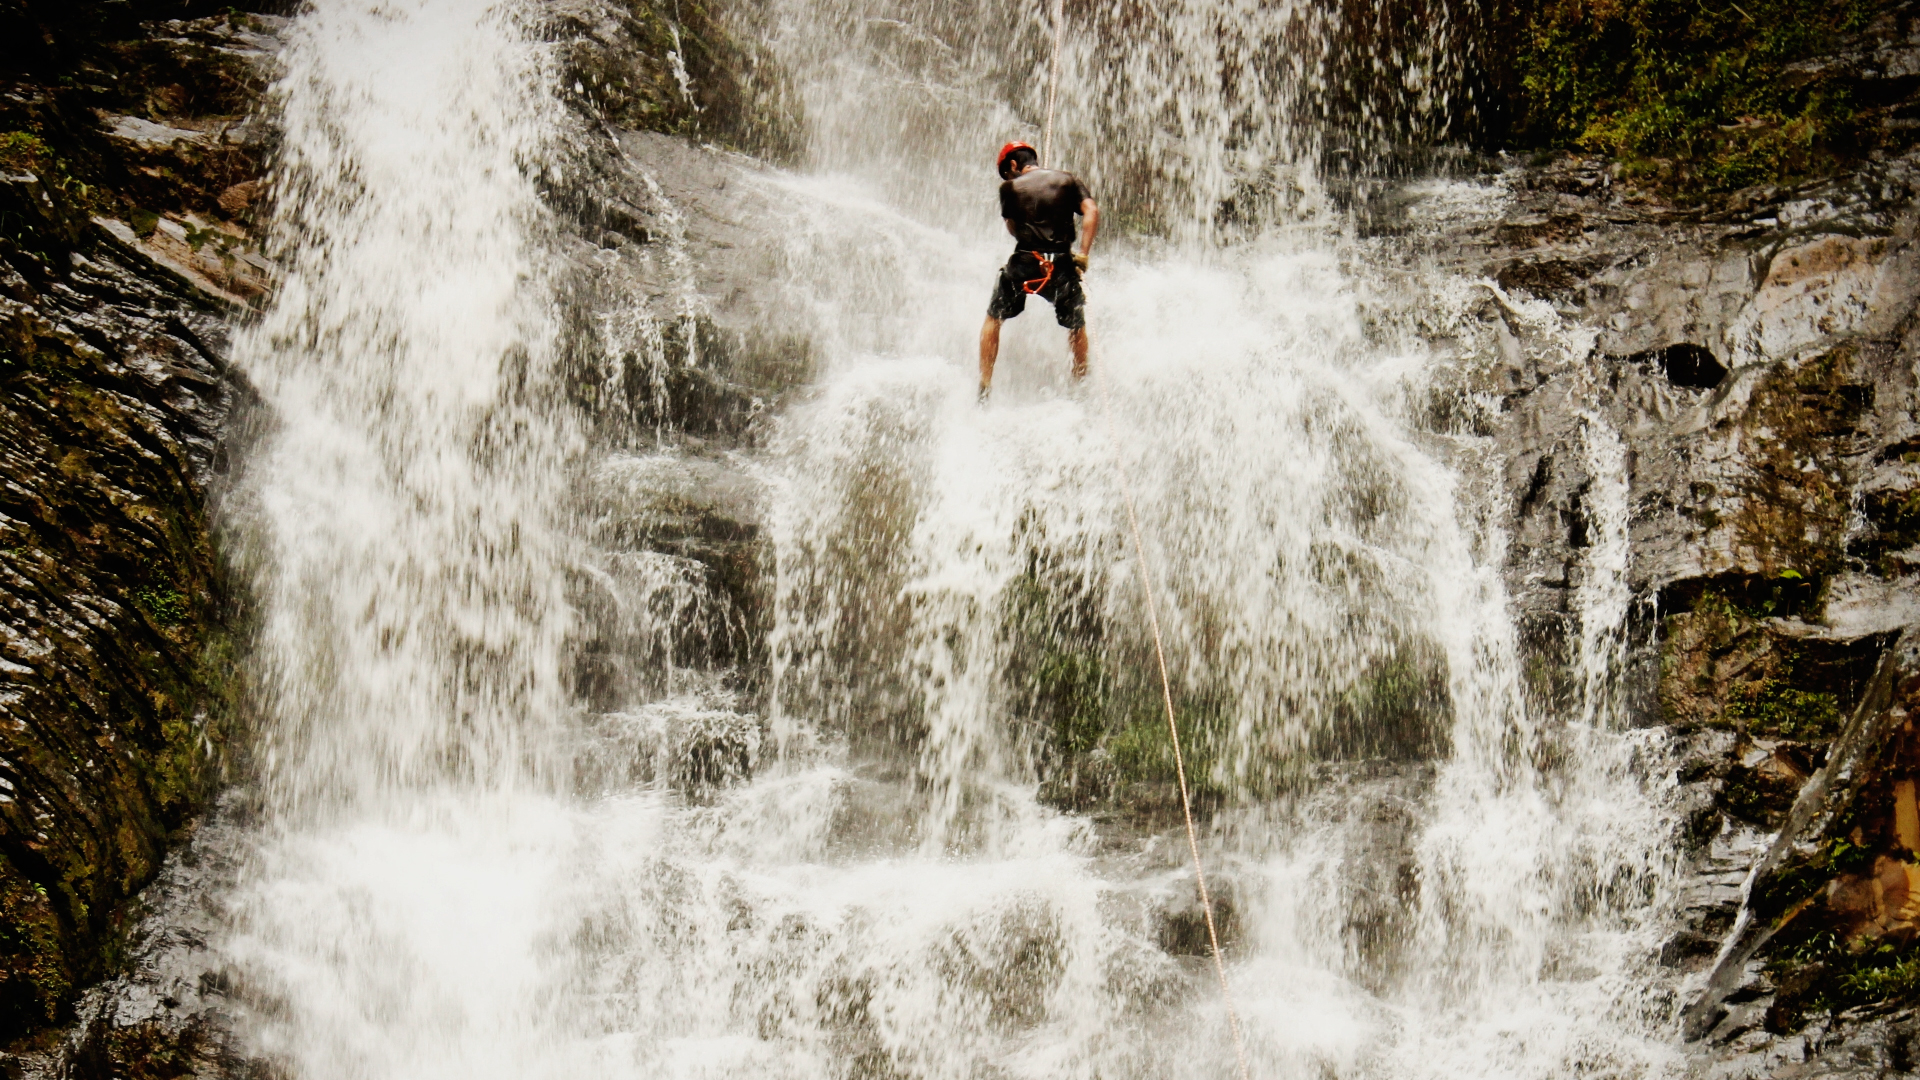 Homem praticando rapel em uma cachoeira.